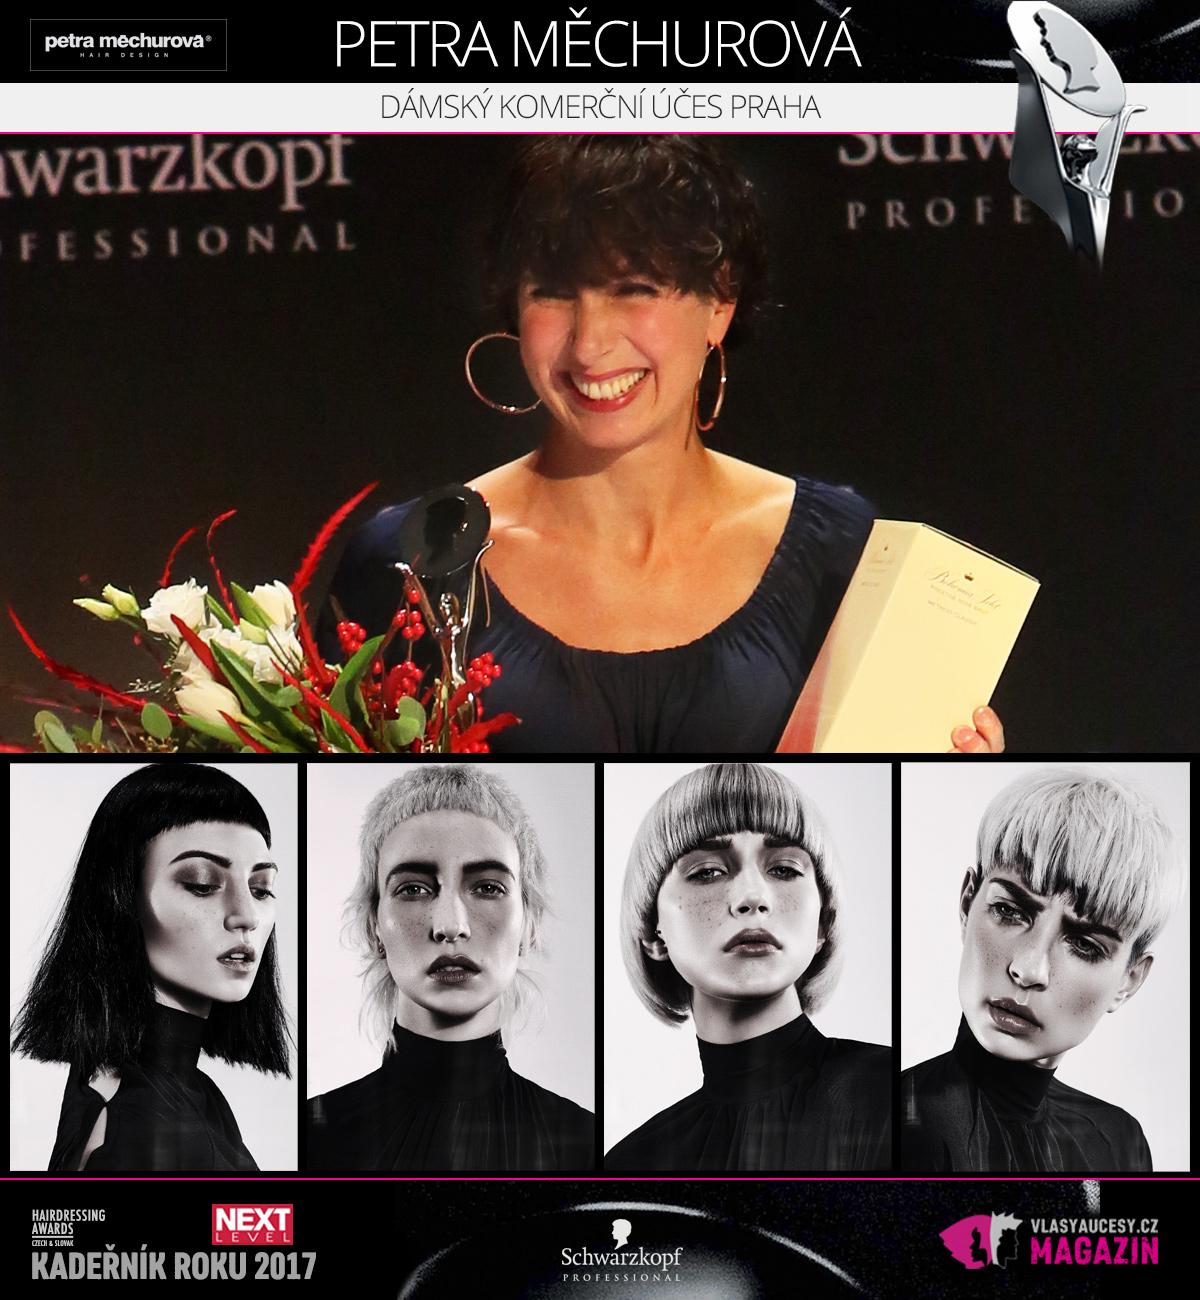 Petra Měchurová (Salon Petra Měchurová) – Dámský komerční účes Praha 2017 soutěže HDA – Kadeřník roku 2017.